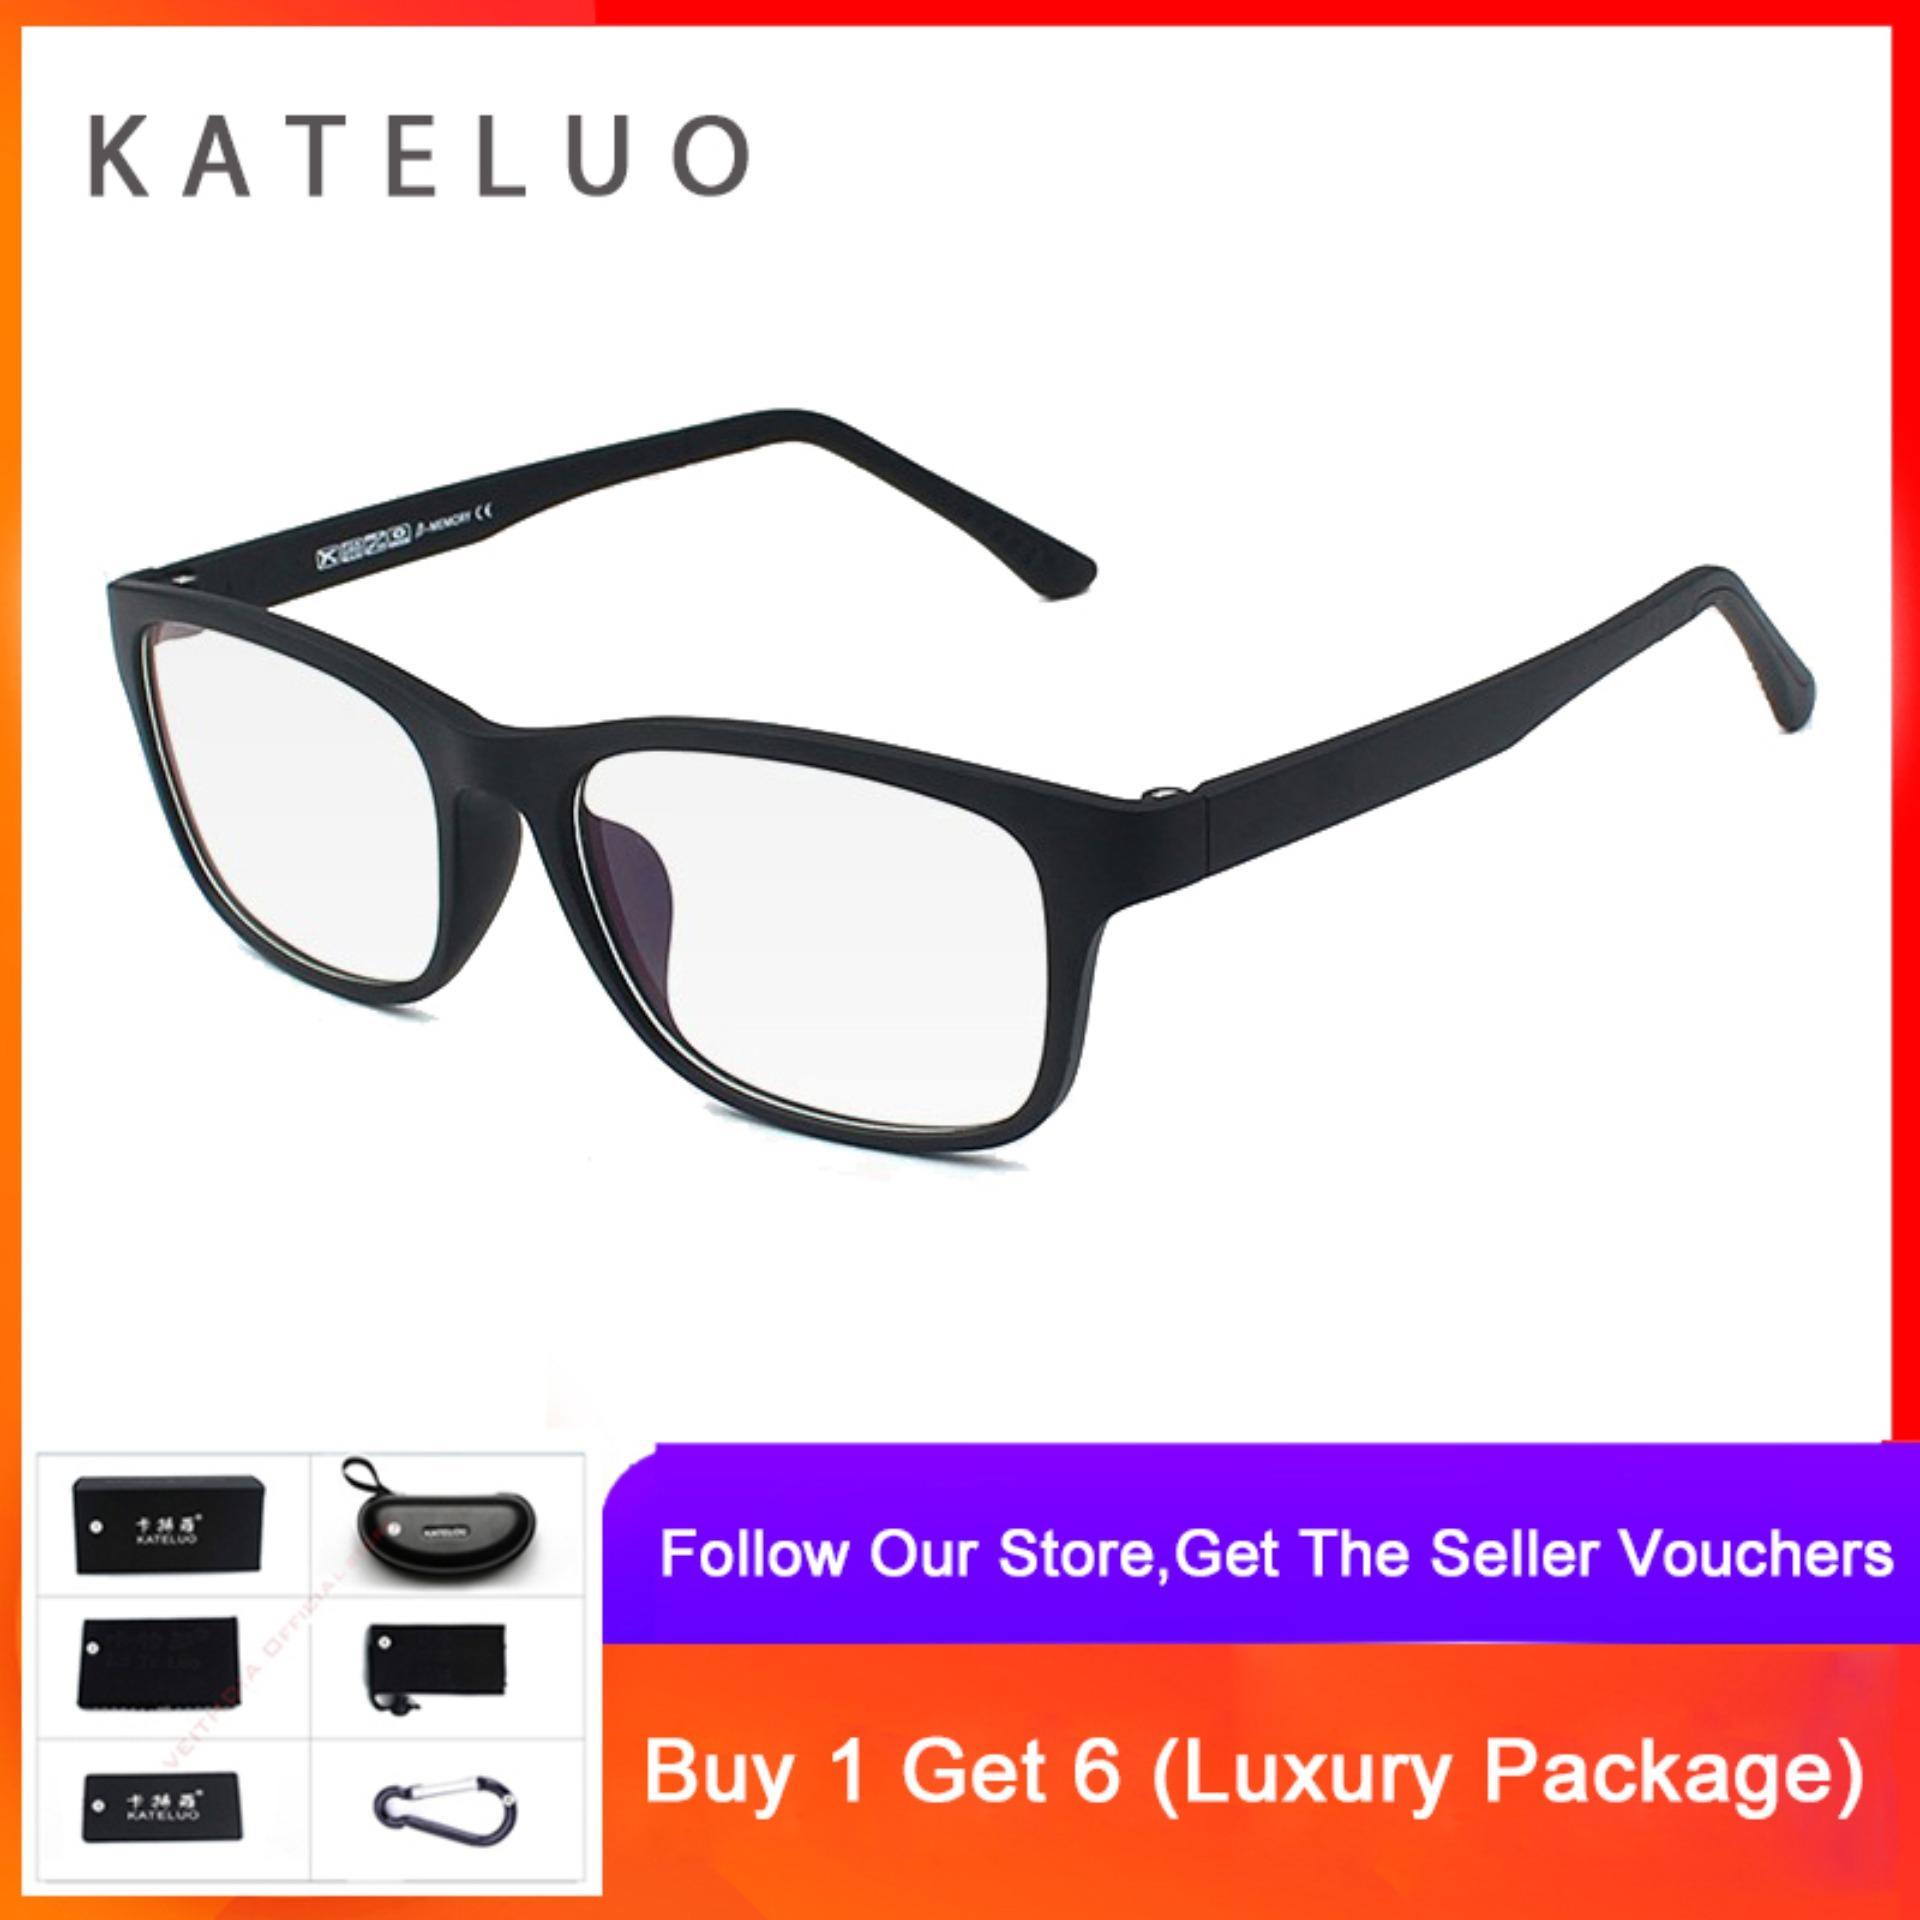 Cod+pengiriman Gratis Kateluo Kacamata Anti Radiasi Warna Biru Untuk Pria / Wanita 9219 By Veithdia Official Store.